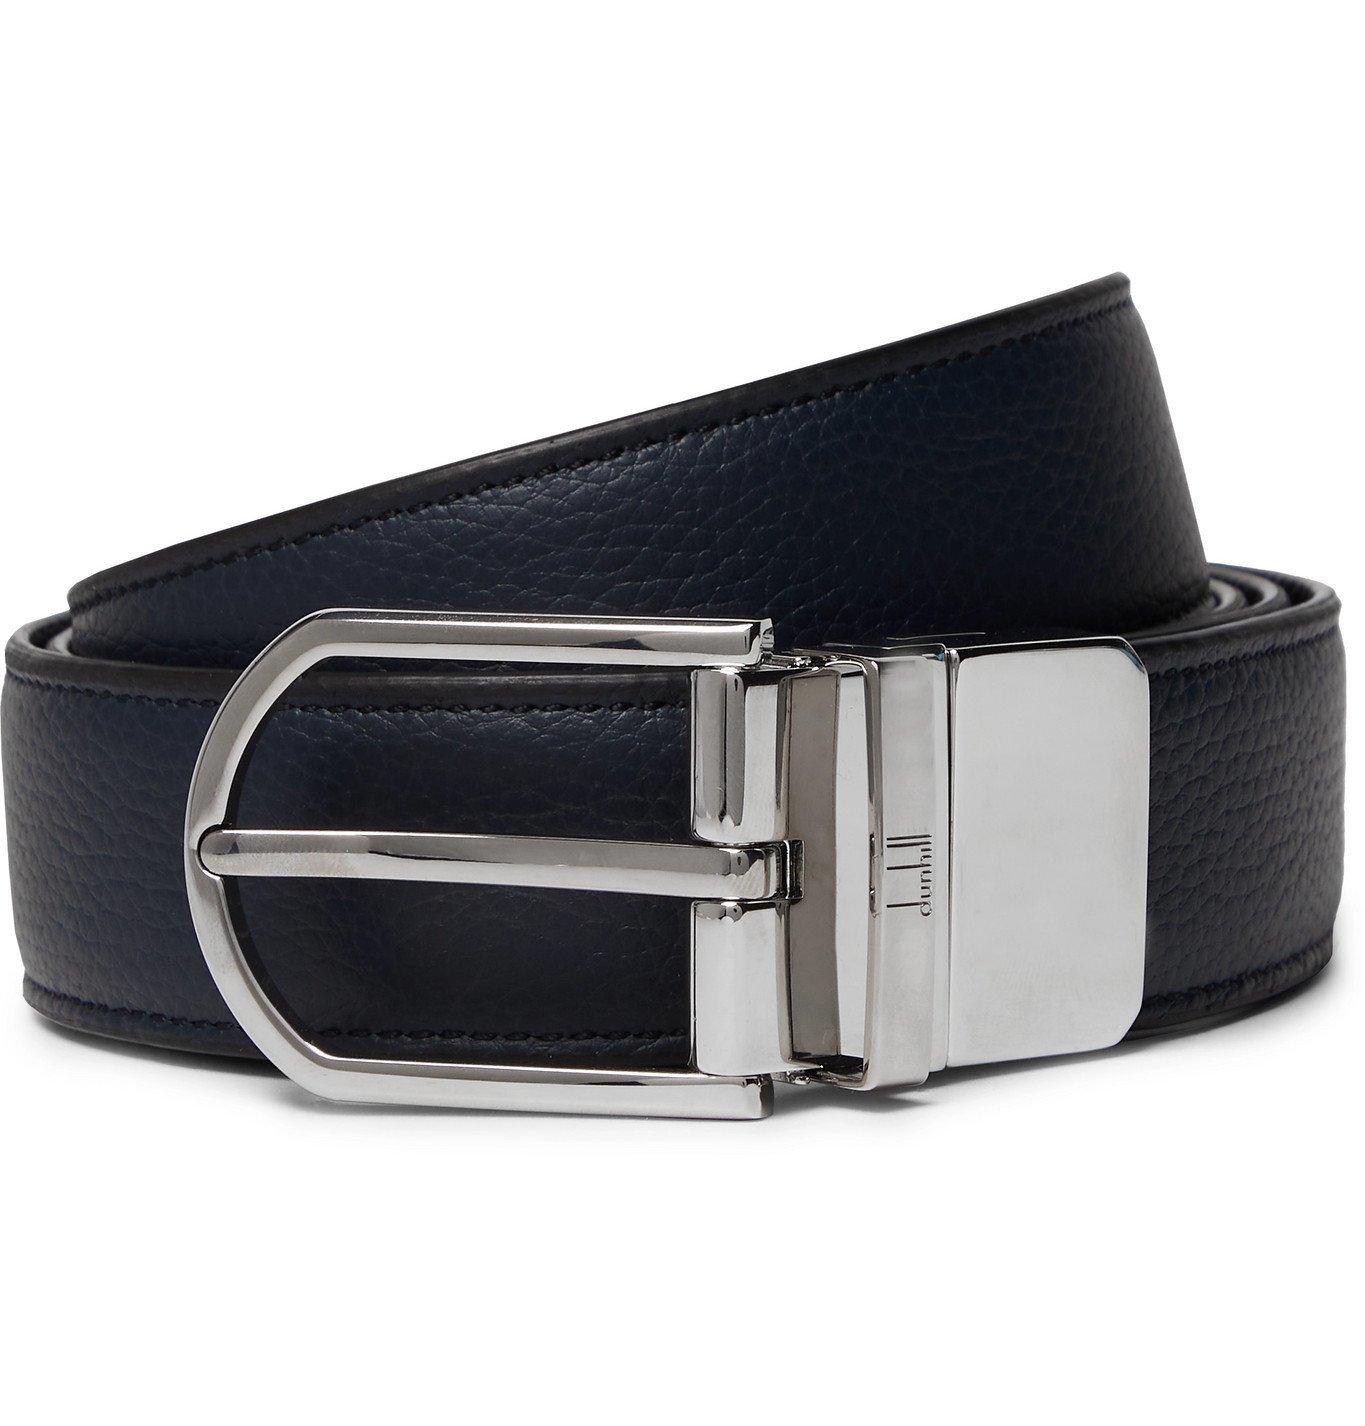 DUNHILL - 3cm Reversible Full-Grain Leather Belt - Blue